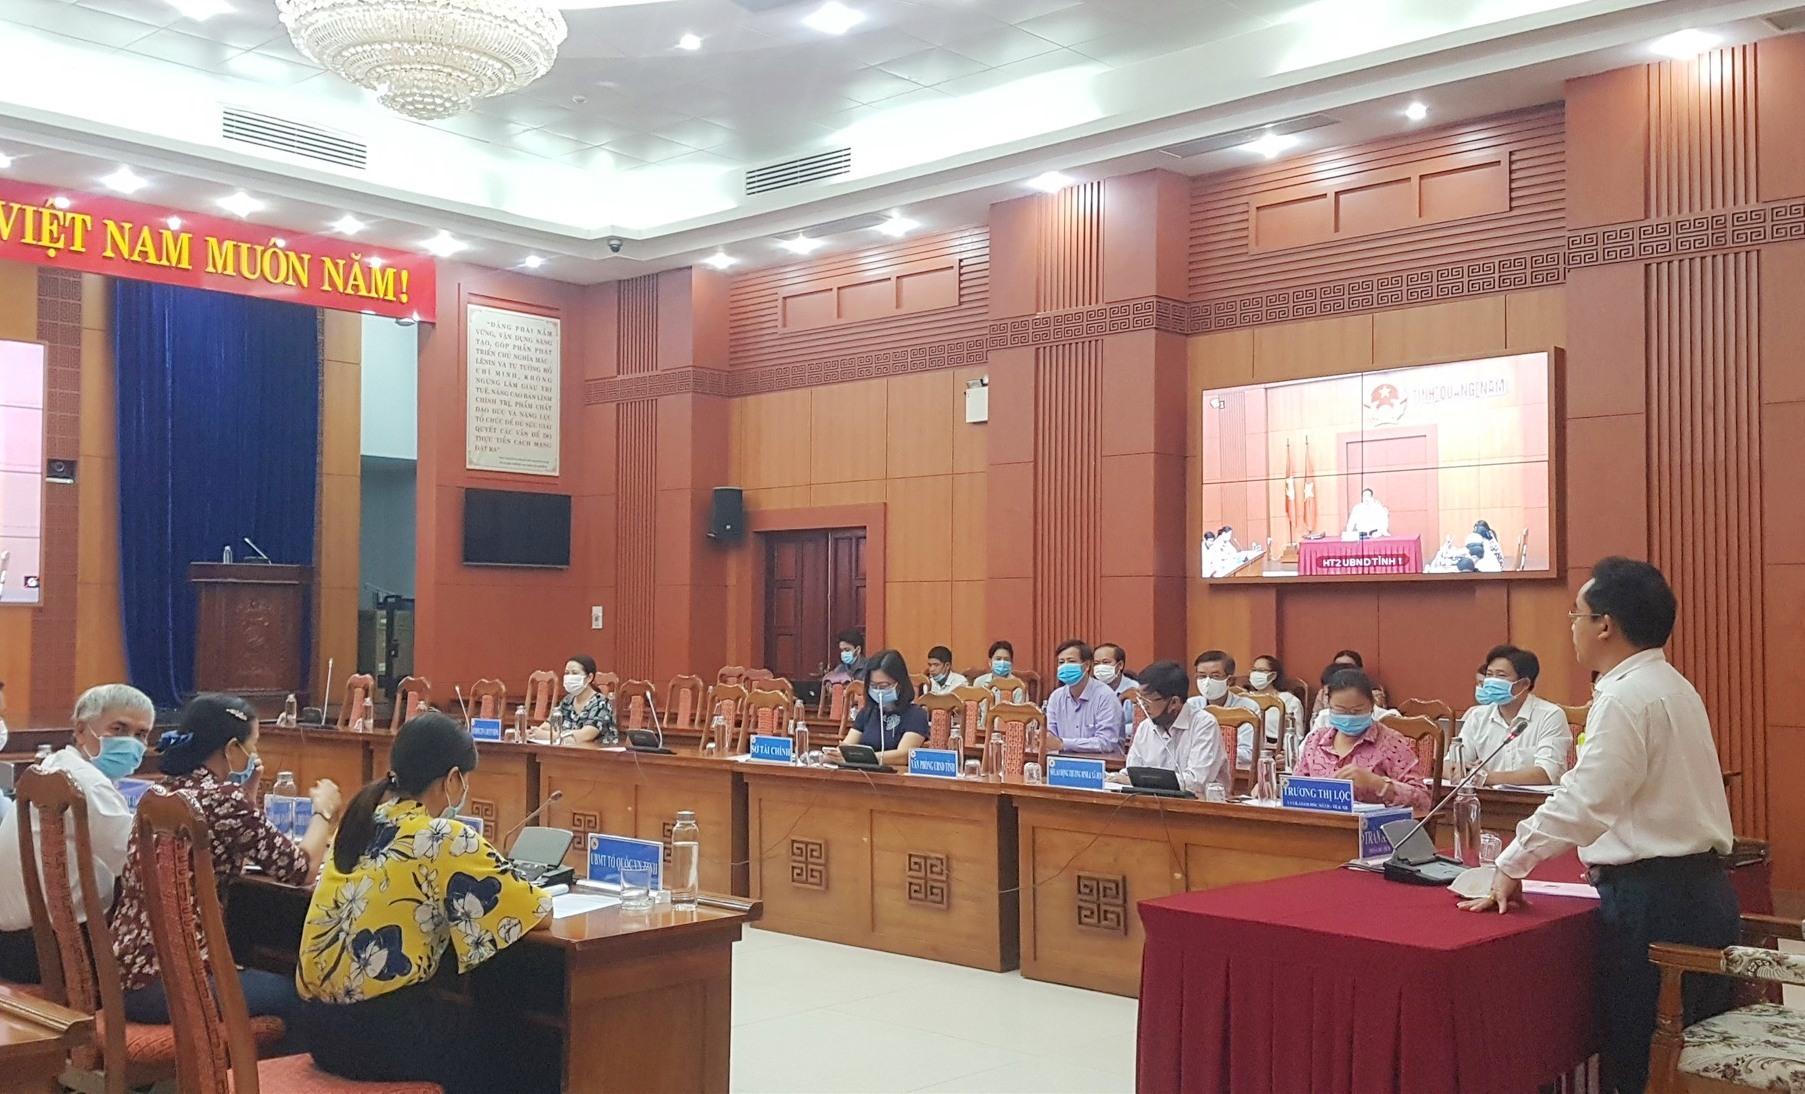 Phó Chủ tịch UBND tỉnh Trần Anh Tuấn yêu cầu không bỏ sót, không sai sót, không chậm trễ trong thực hiện chính sách hỗ trợ người dân. Ảnh: D.L